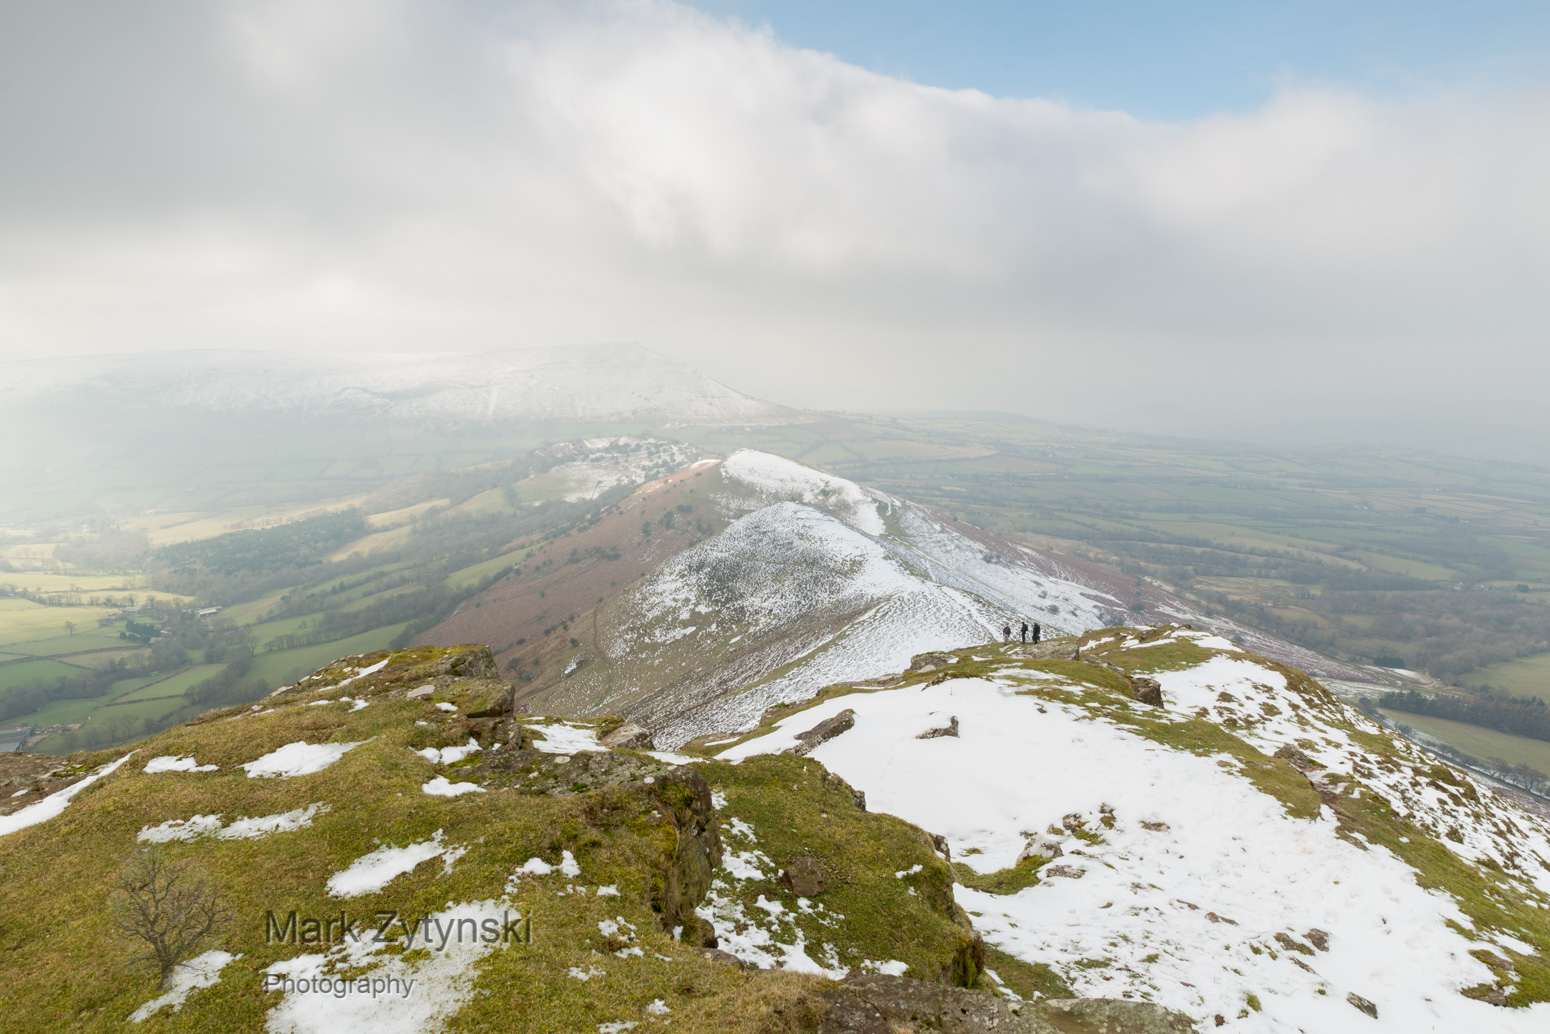 A Winter Walk Blog #1